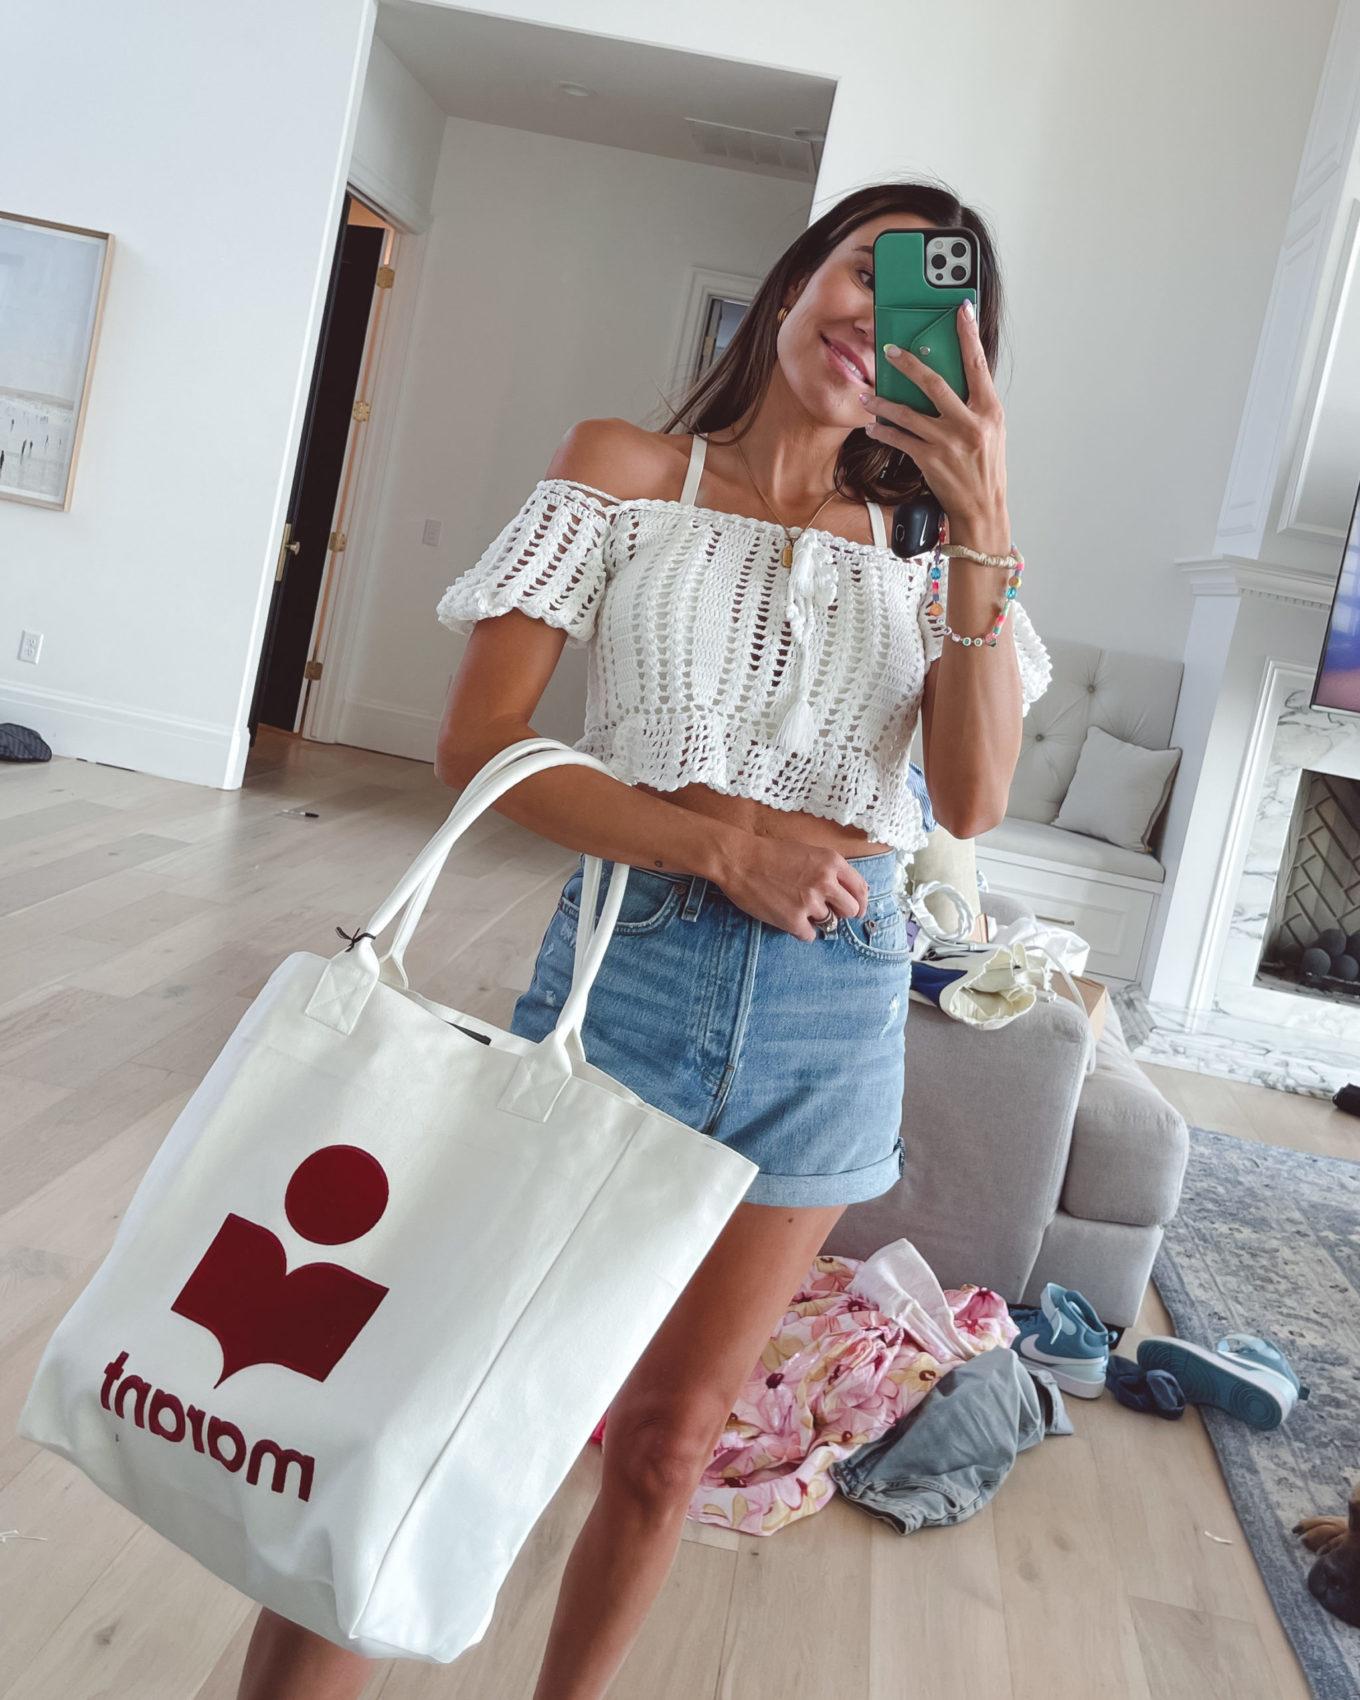 4th of July, crop top, tote bag